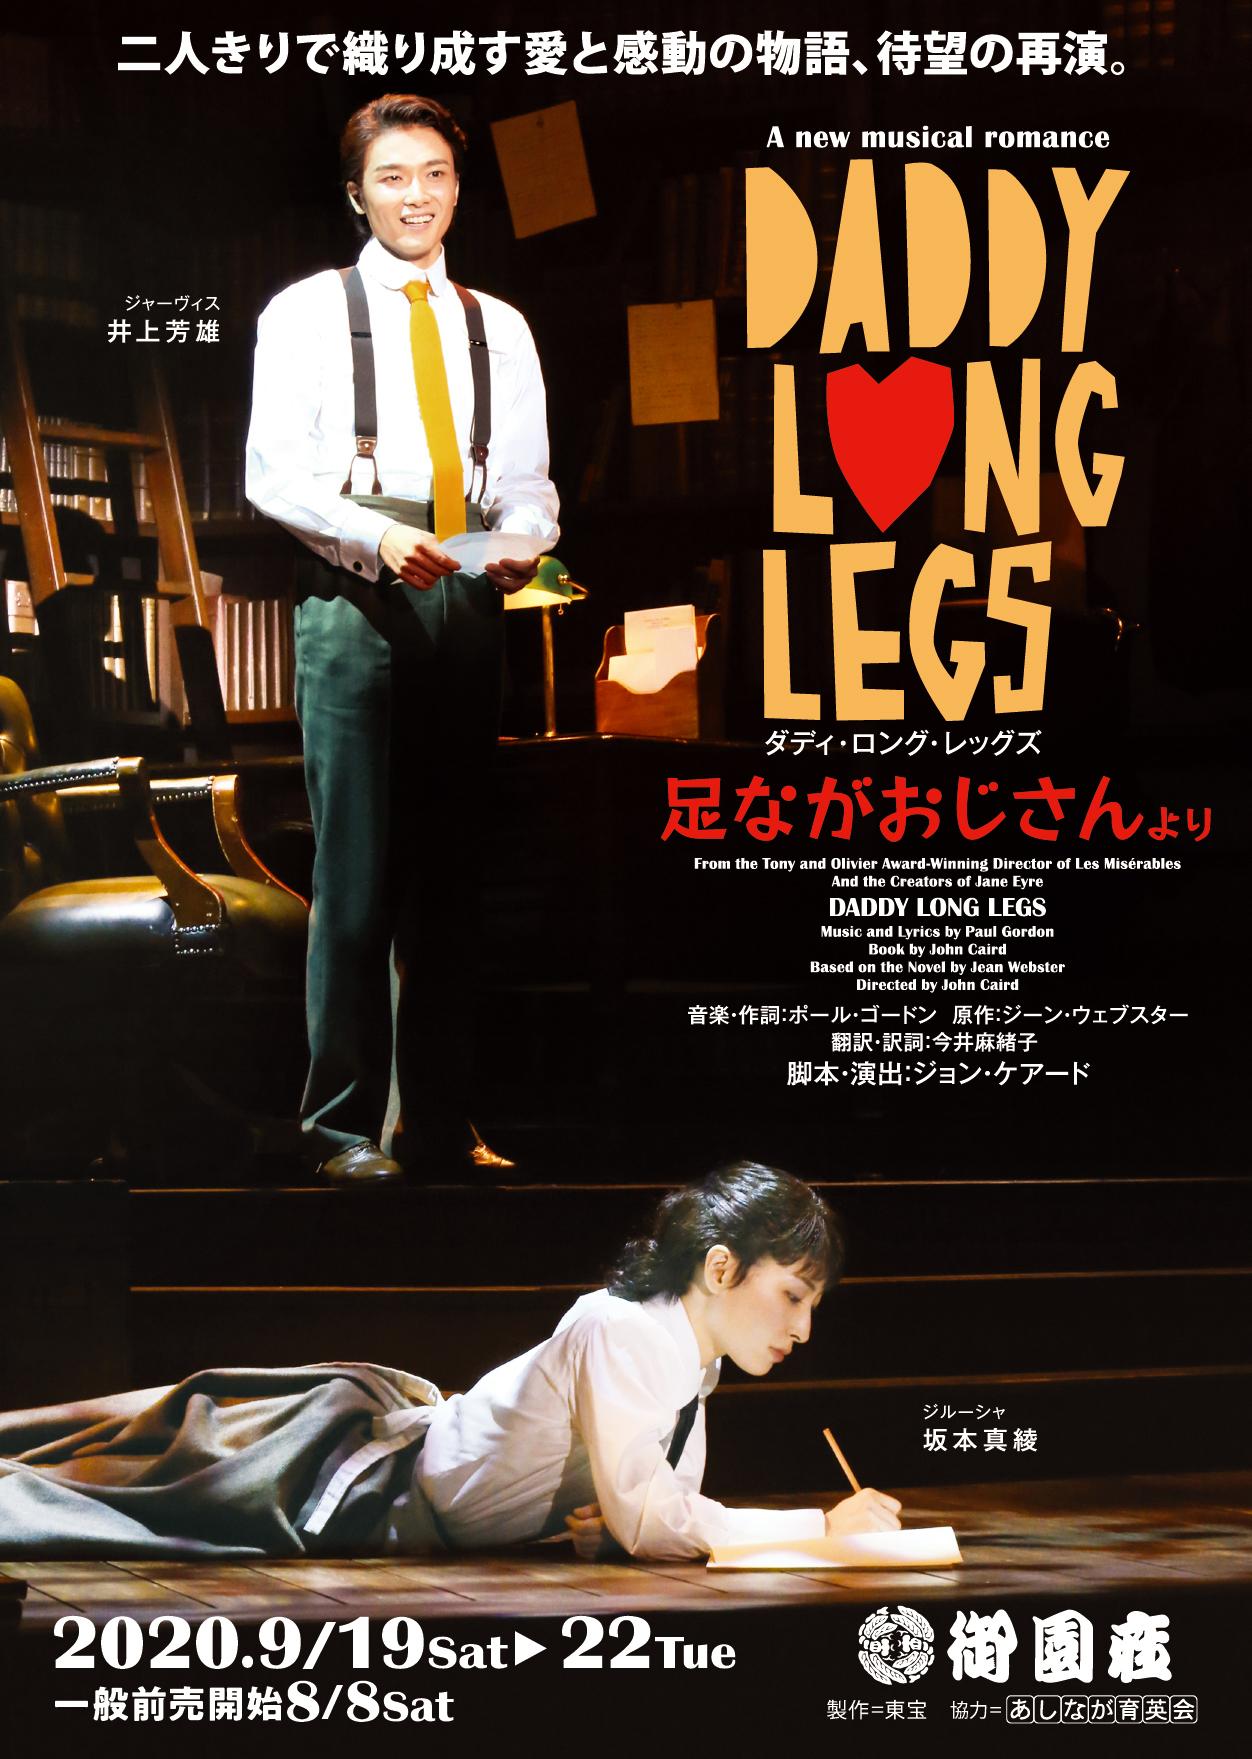 ダディ・ロング・レッグズ ~足ながおじさんより~ ちらし